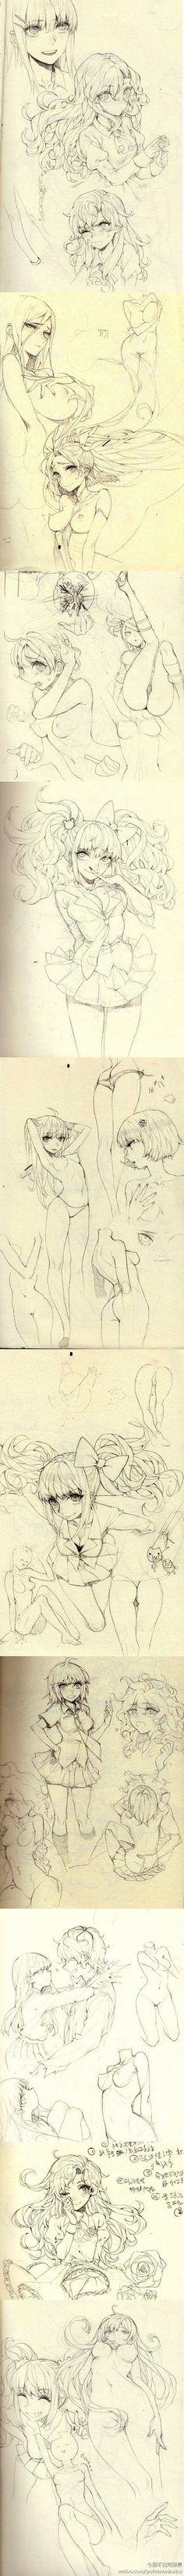 小灰兔一O采集到人体(卡通、原画、3D模型)